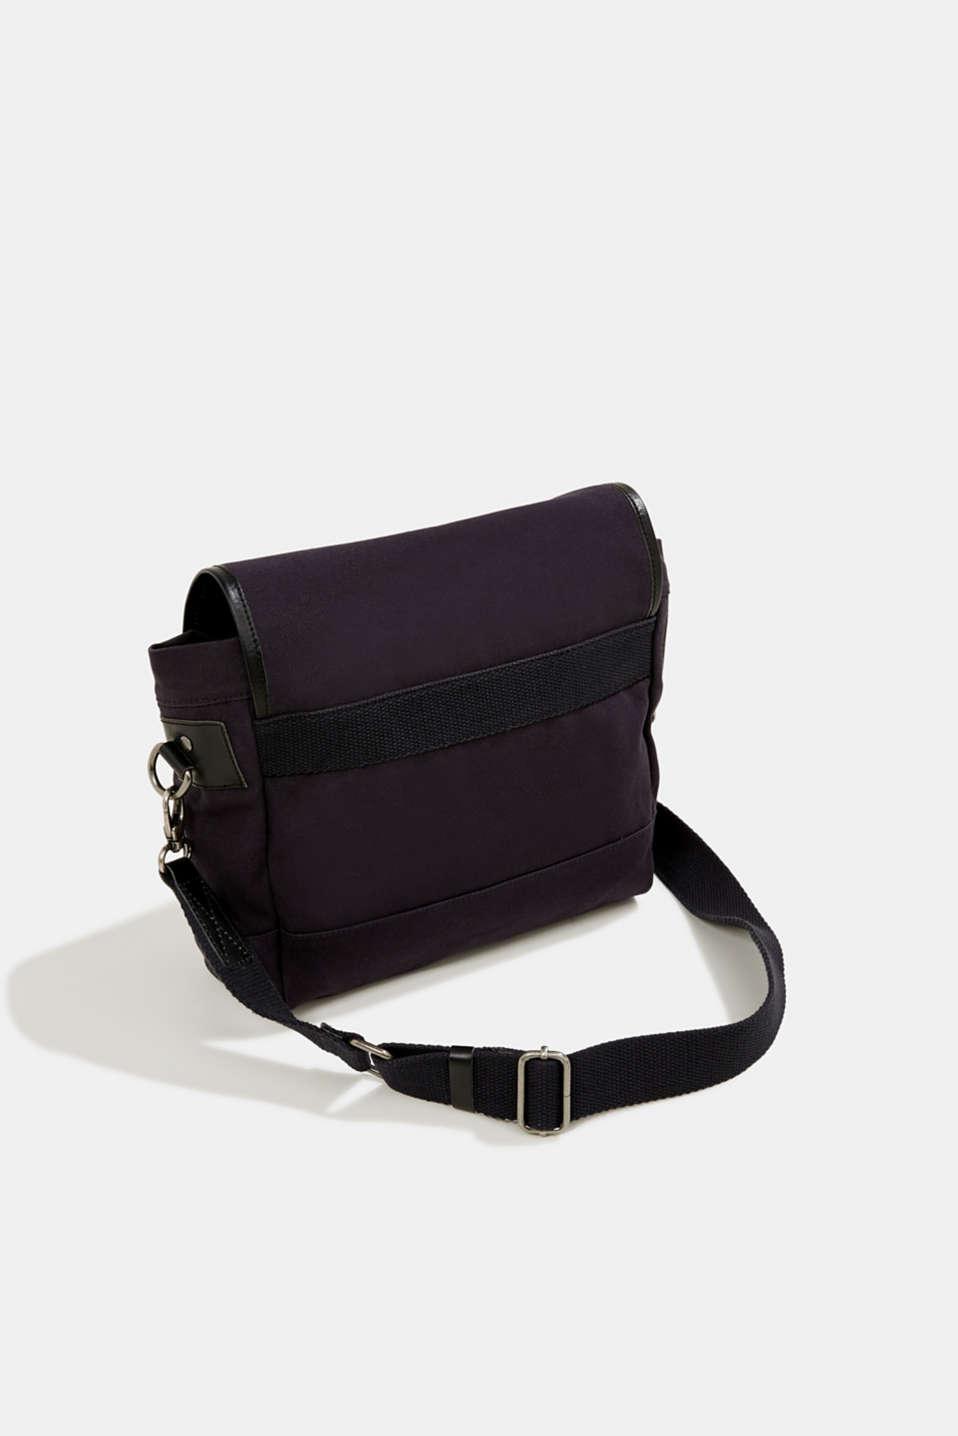 Shoulder bag with leather details, canvas, NAVY, detail image number 5